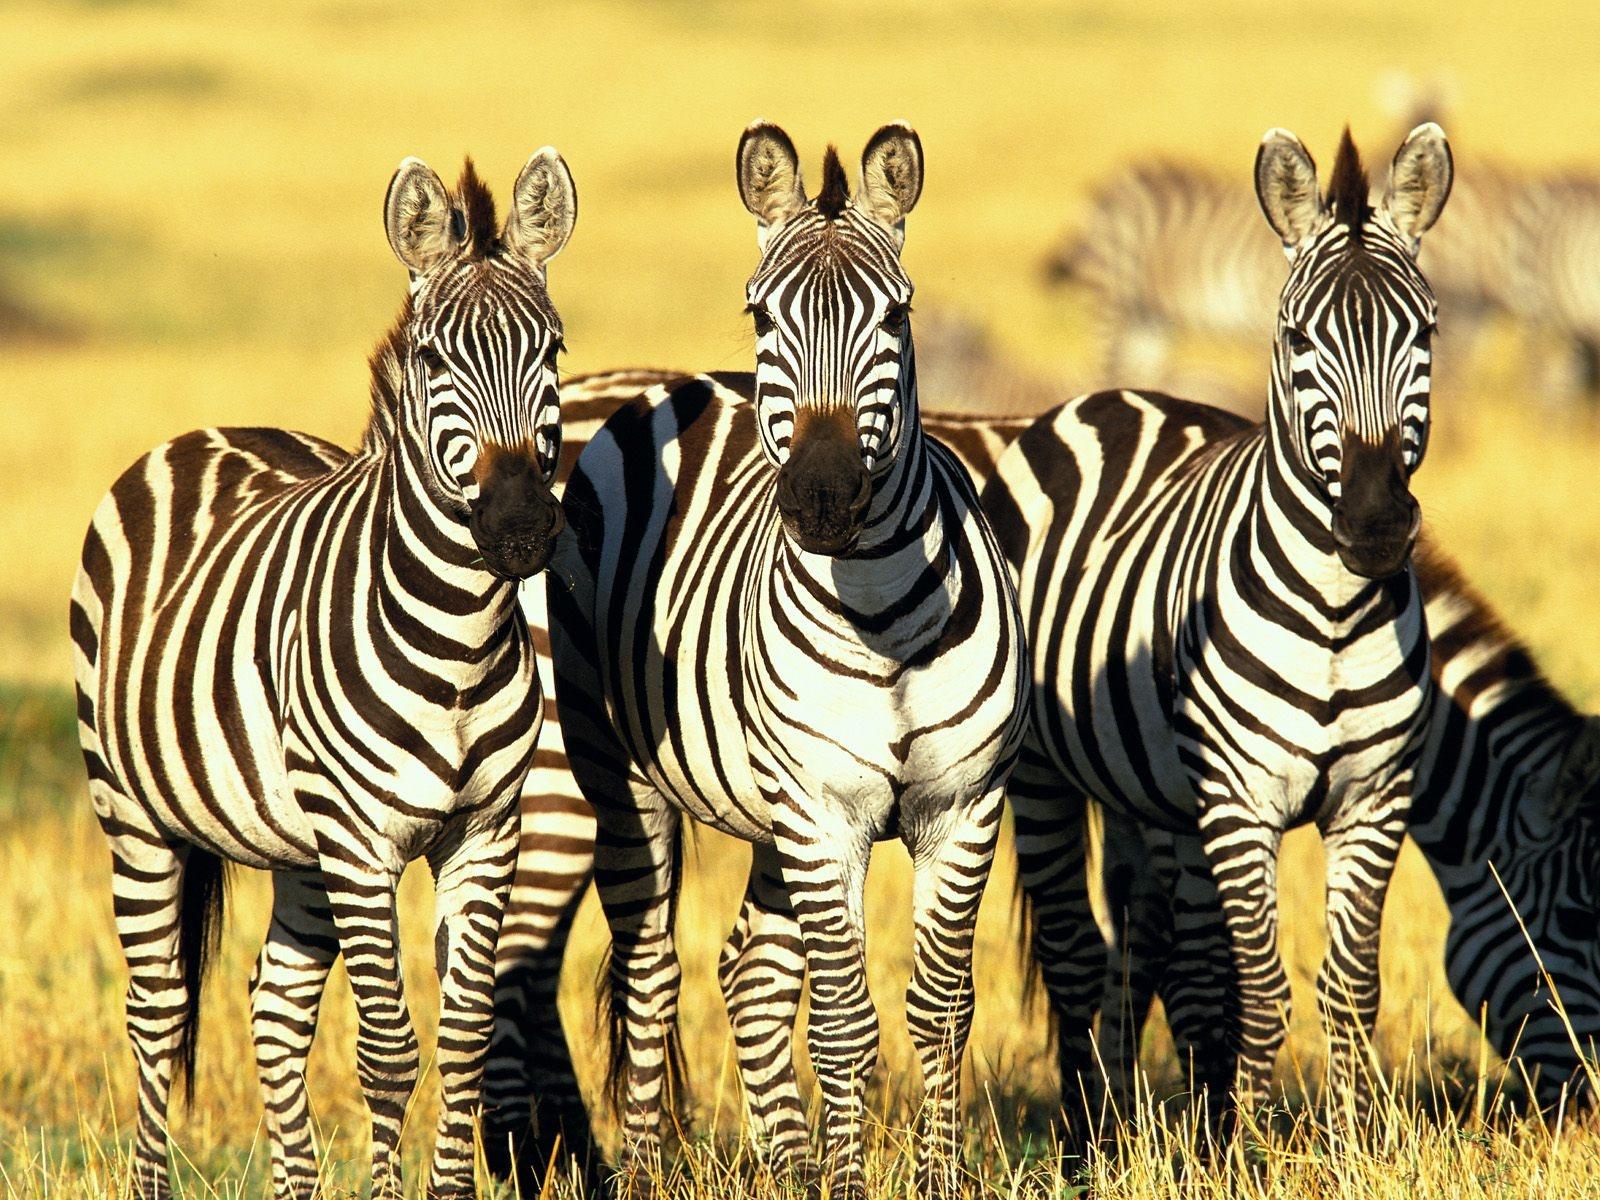 Resultado de imagen para zebras wallpaper